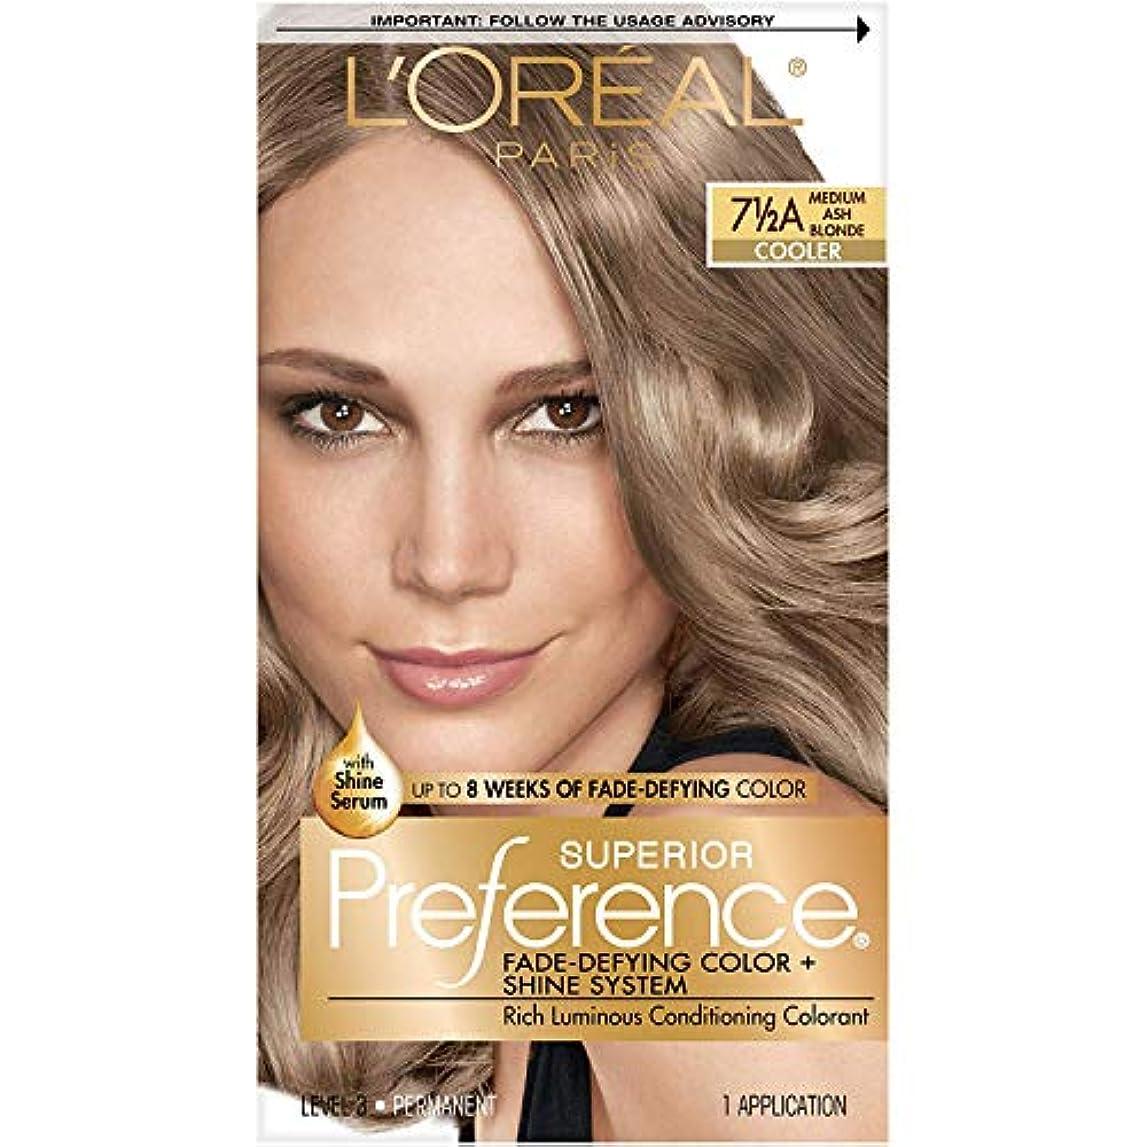 硬化する太い経済海外直送肘 LOreal Superior Preference Hair Color Medium Ash Blonde, Medium Ash Blonde 1 each